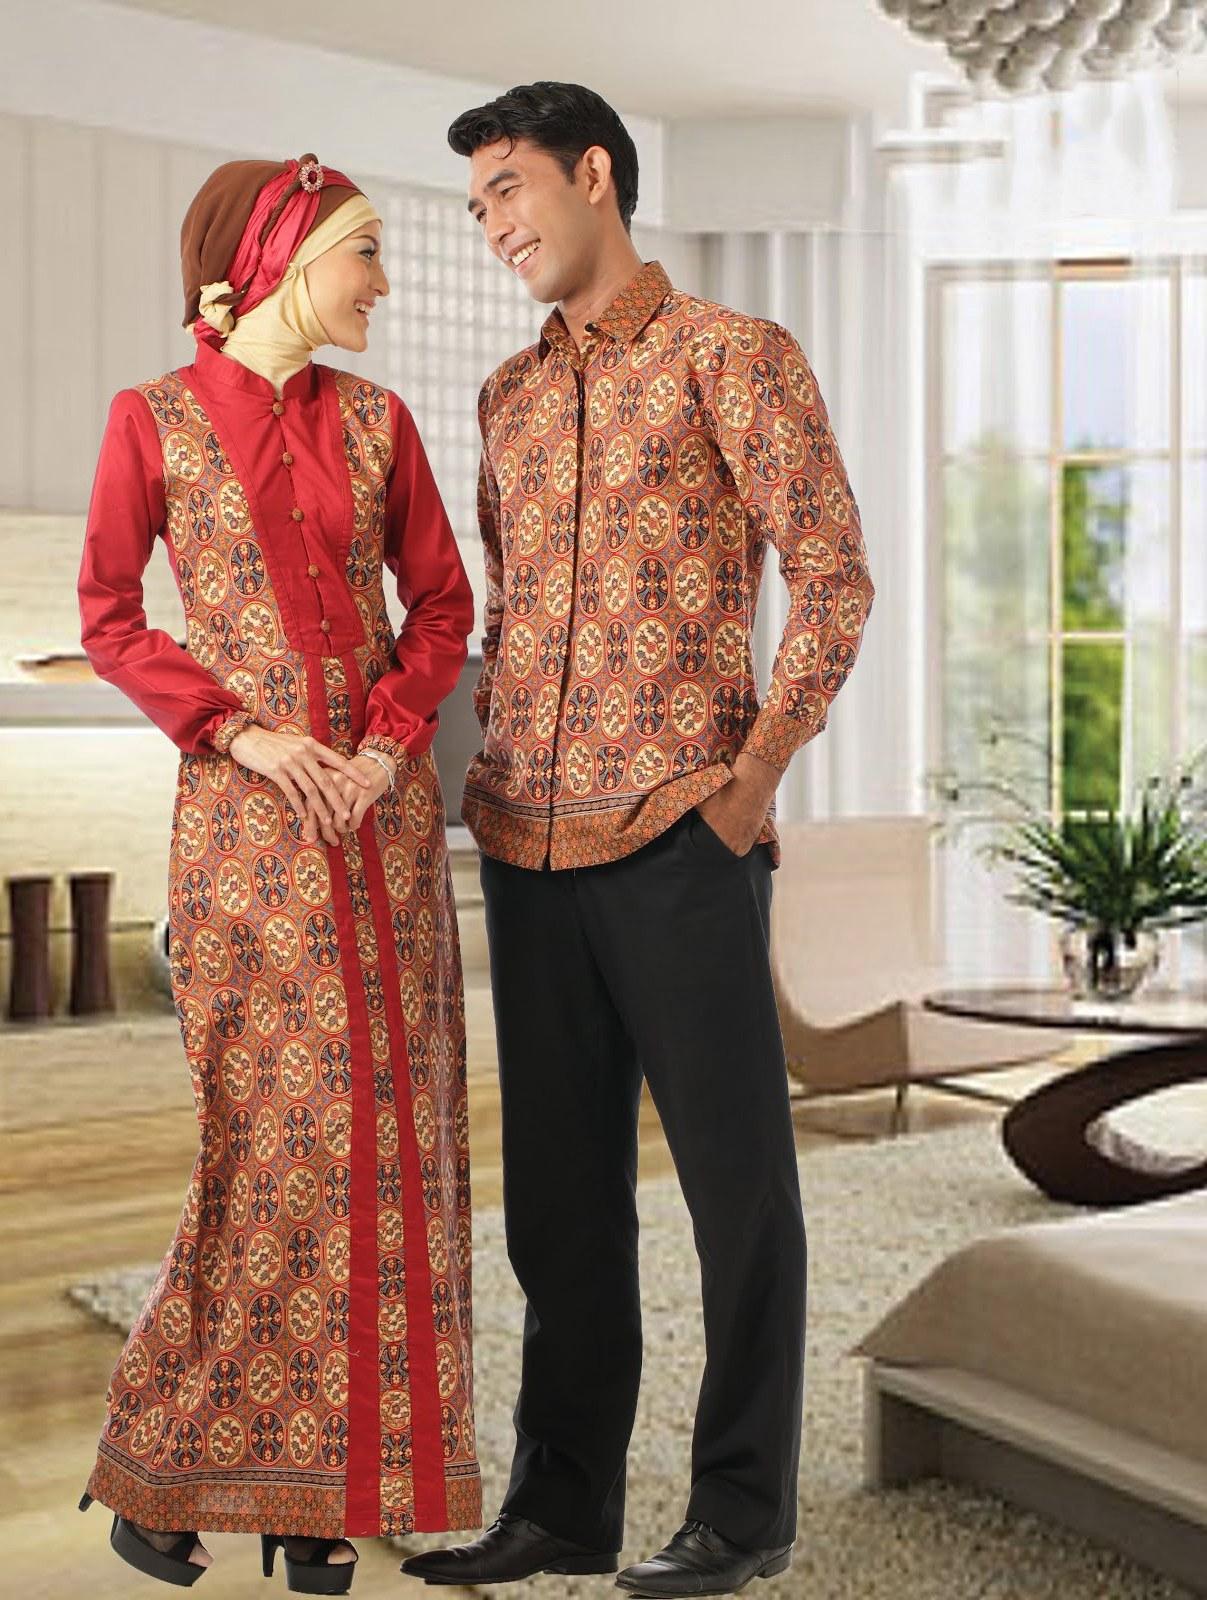 Inspirasi Baju Lebaran Pria Jxdu Trend Model Baju Batik Lebaran Terbaru 2013